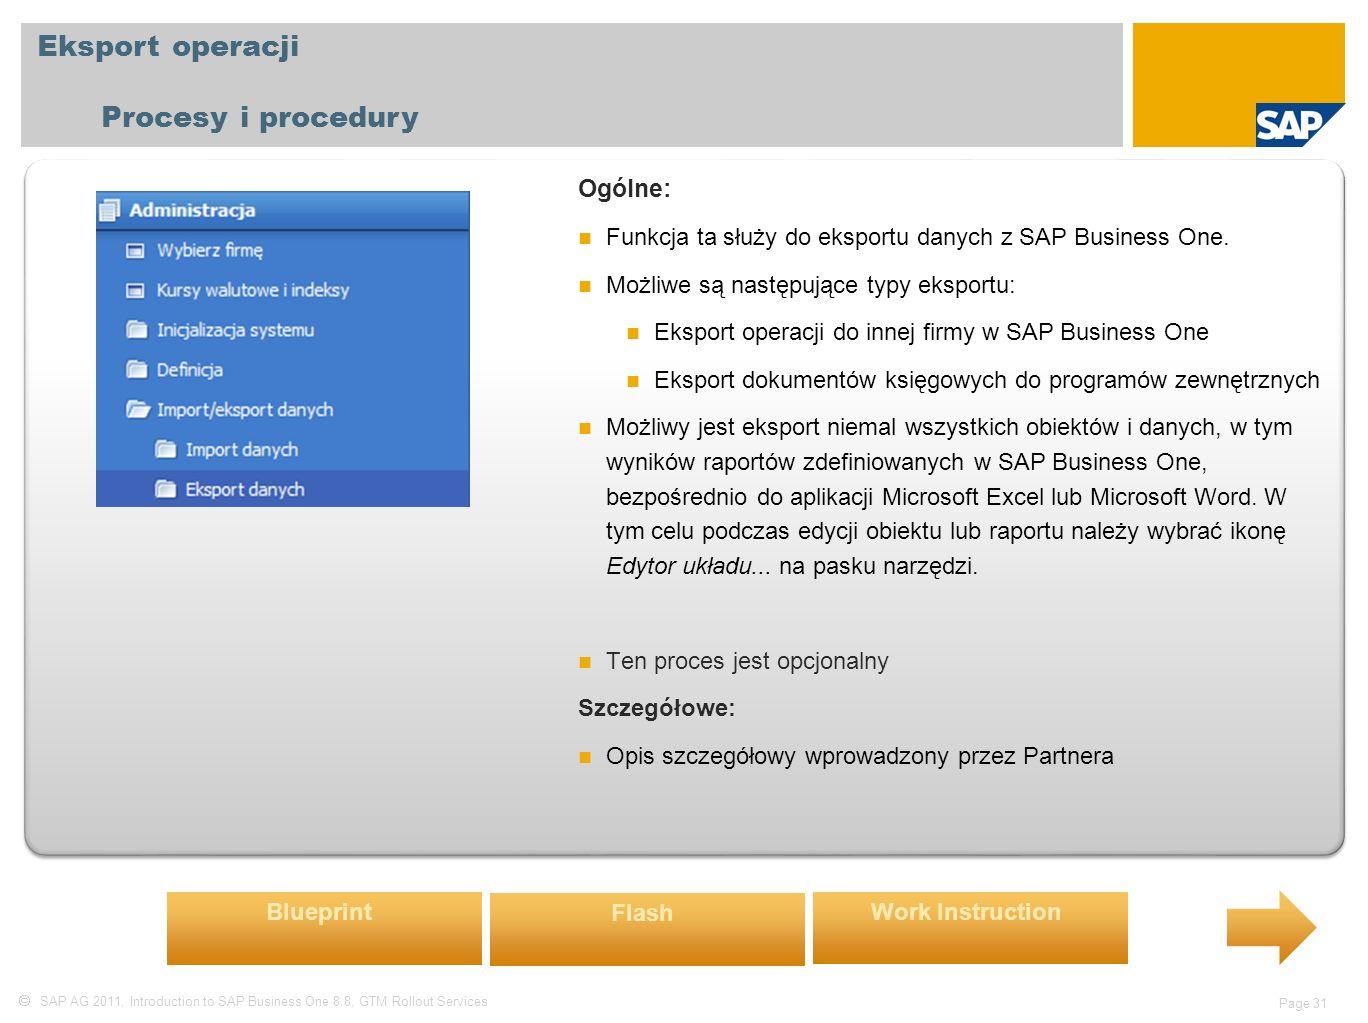  SAP AG 2011, Introduction to SAP Business One 8.8, GTM Rollout Services Page 31 Eksport operacji Procesy i procedury Ogólne: Funkcja ta służy do eksportu danych z SAP Business One.